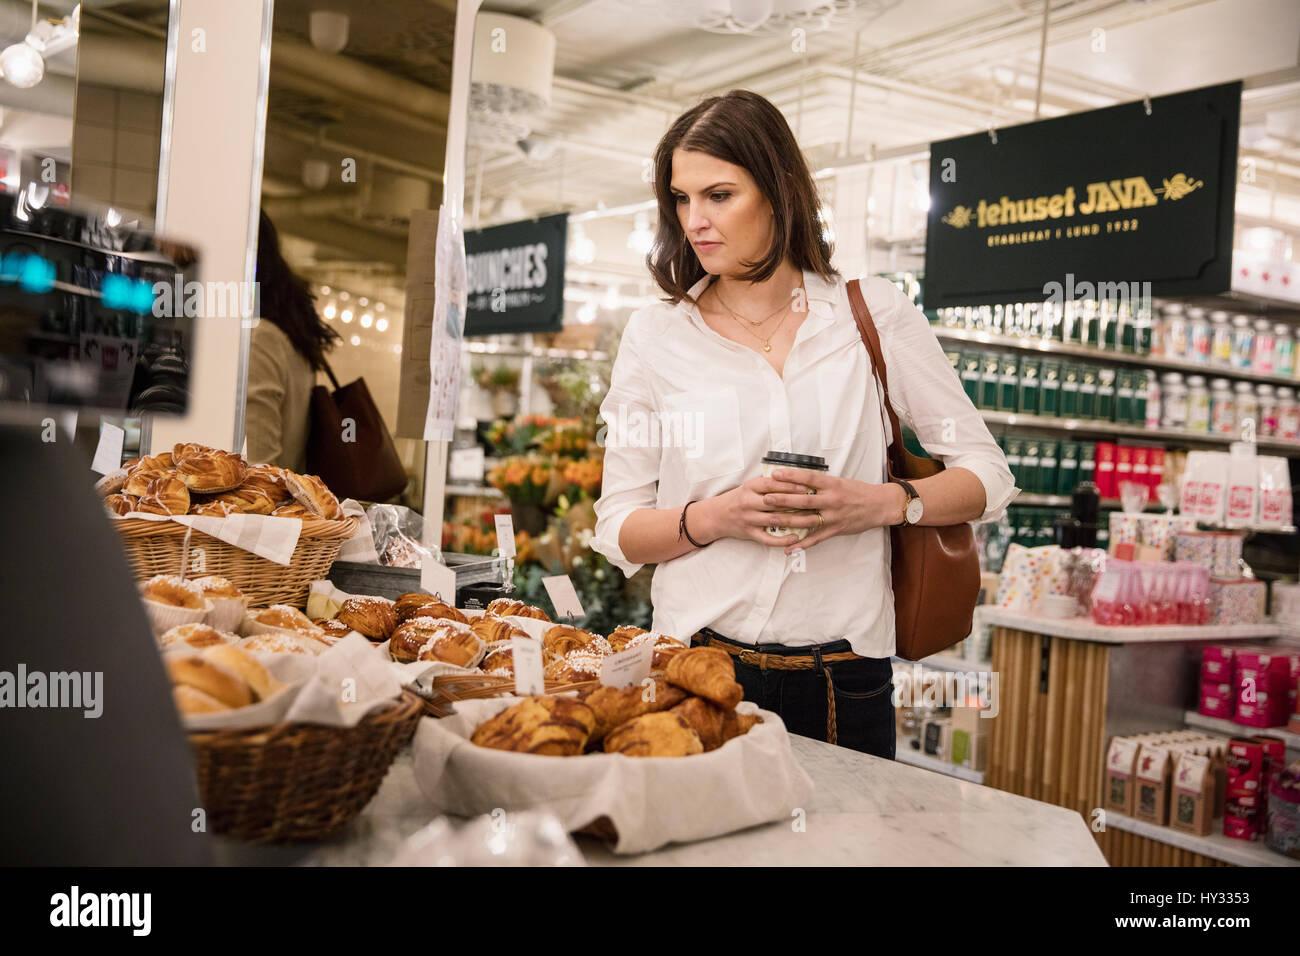 Suecia, mujer elegir alimentos en panadería Imagen De Stock